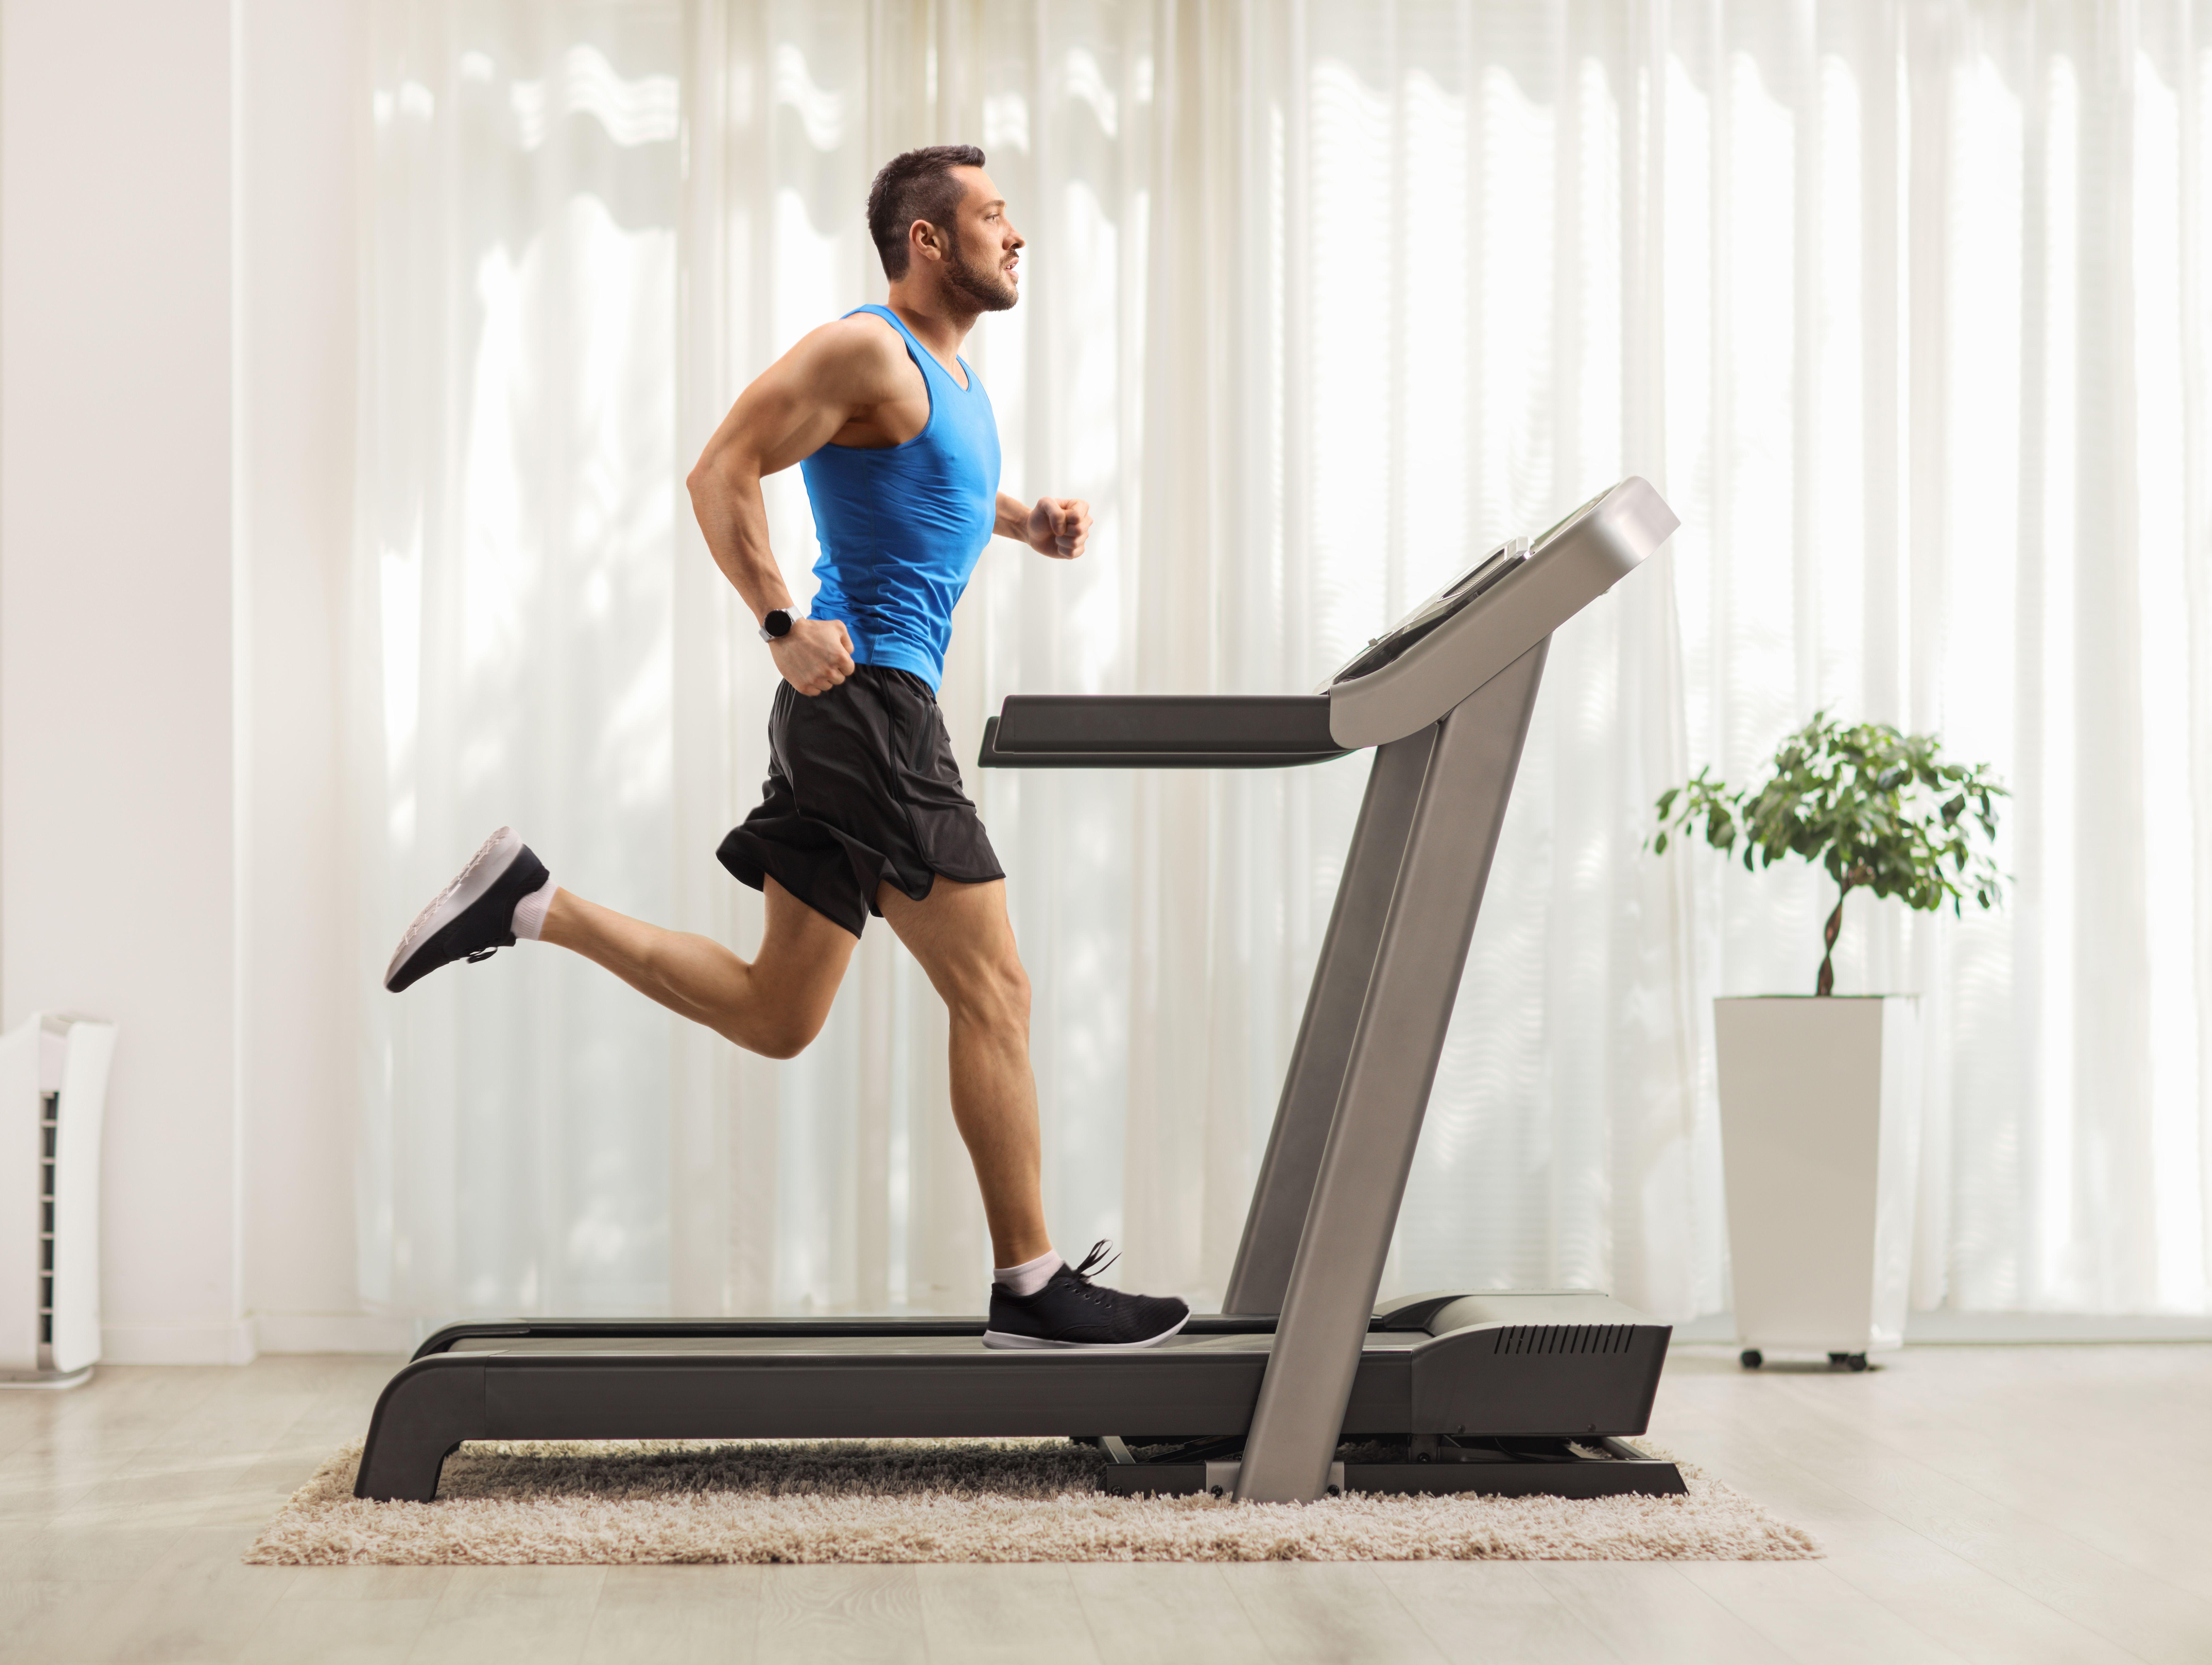 gimnasio ejercicio